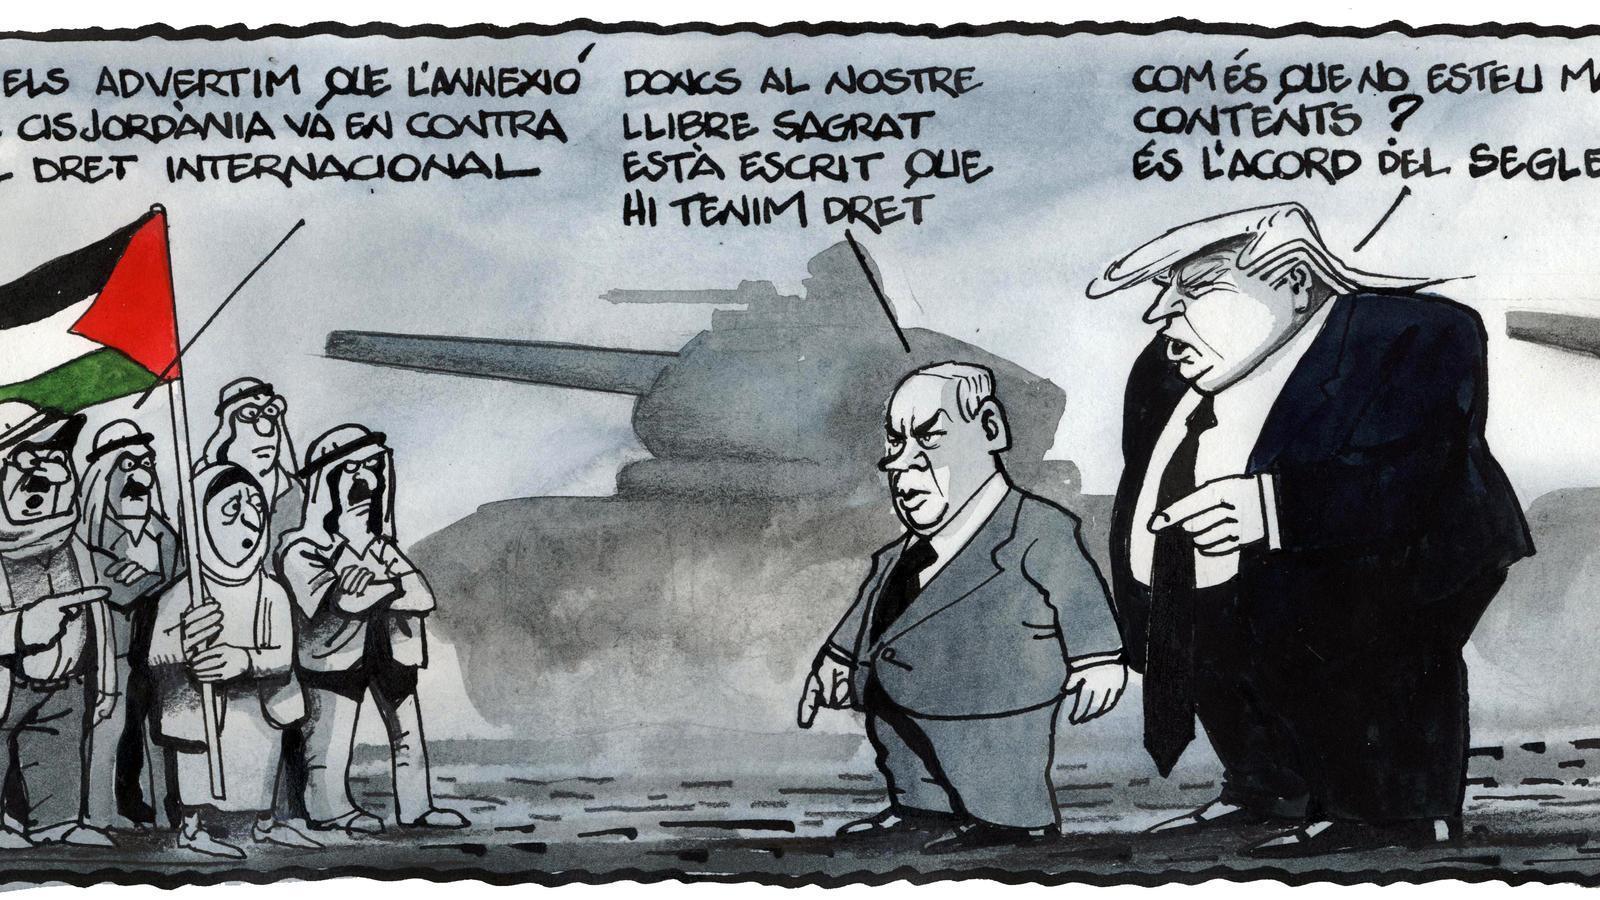 'A la contra', per Ferreres 11/07/2020